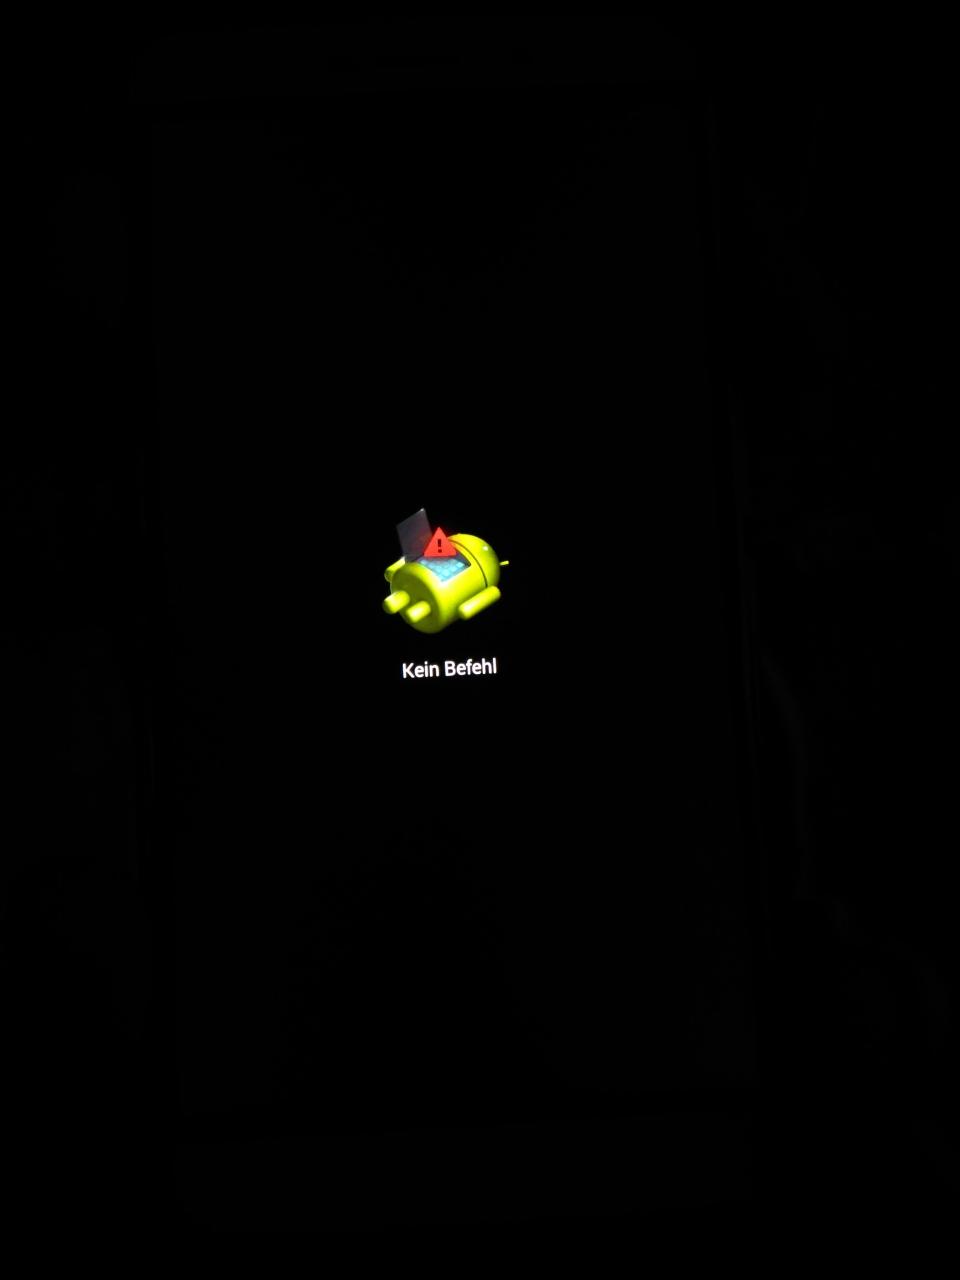 kein_befehl_android6-0.jpg